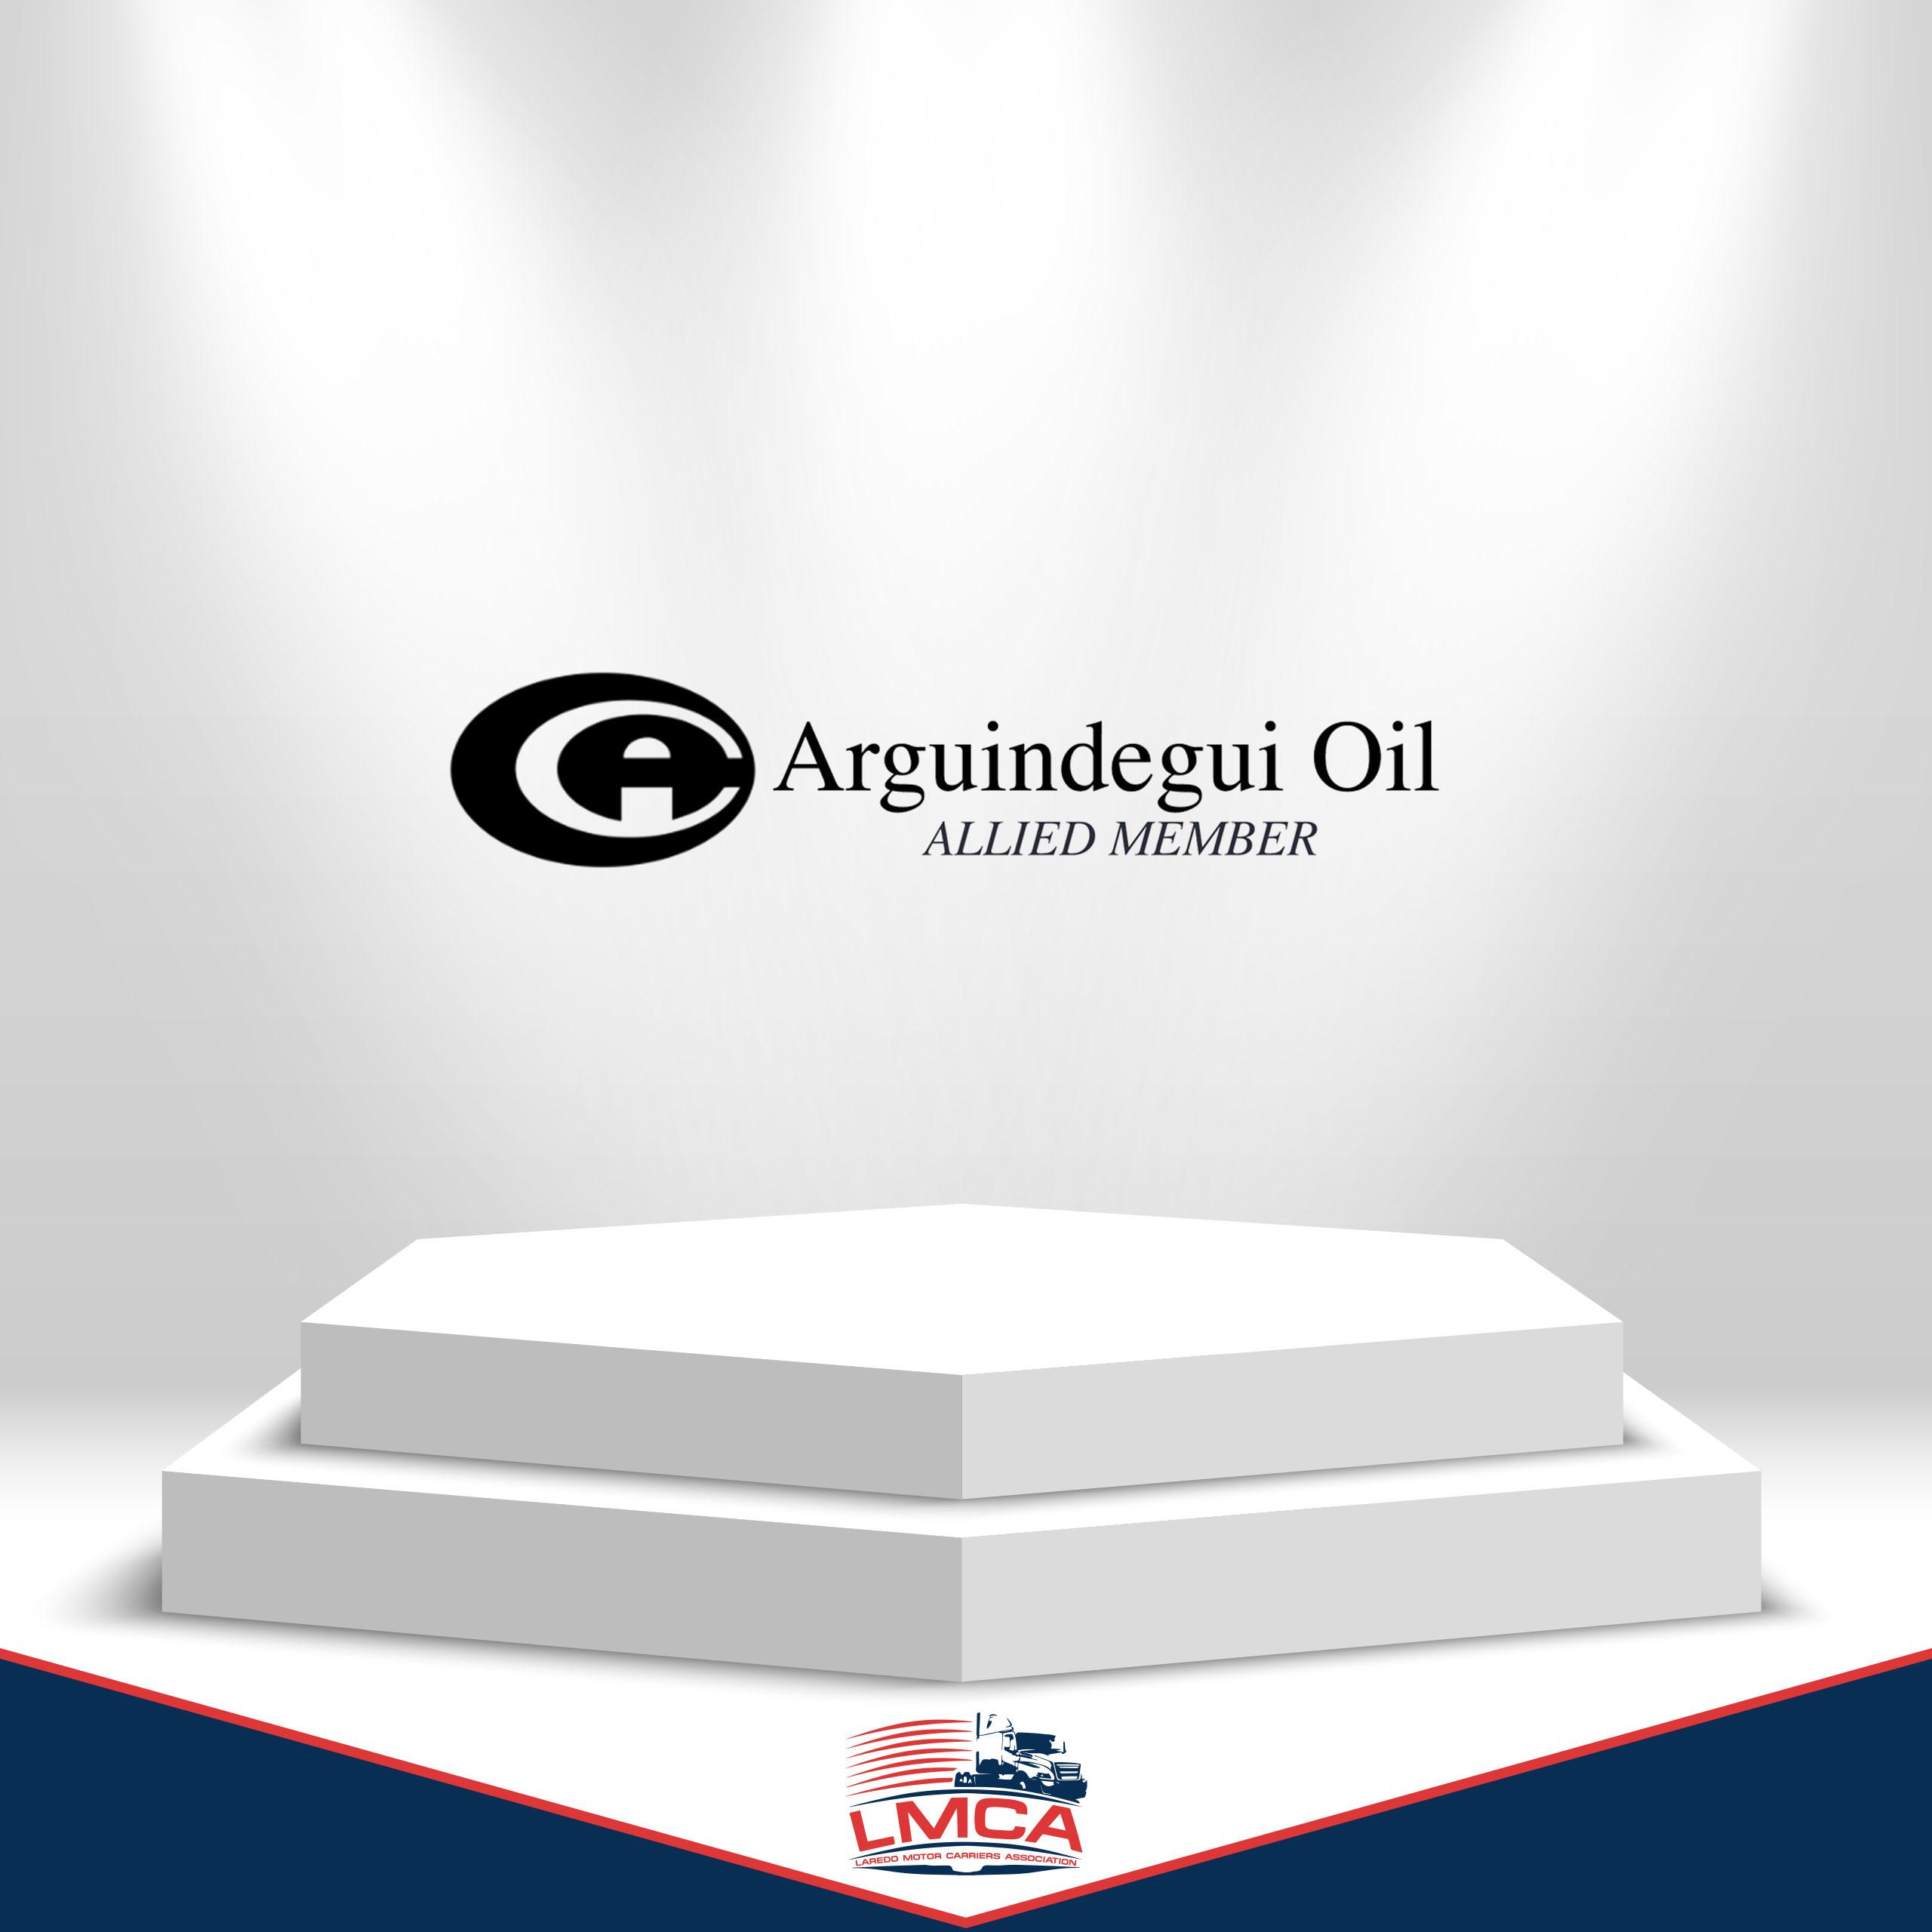 arguindegui oil